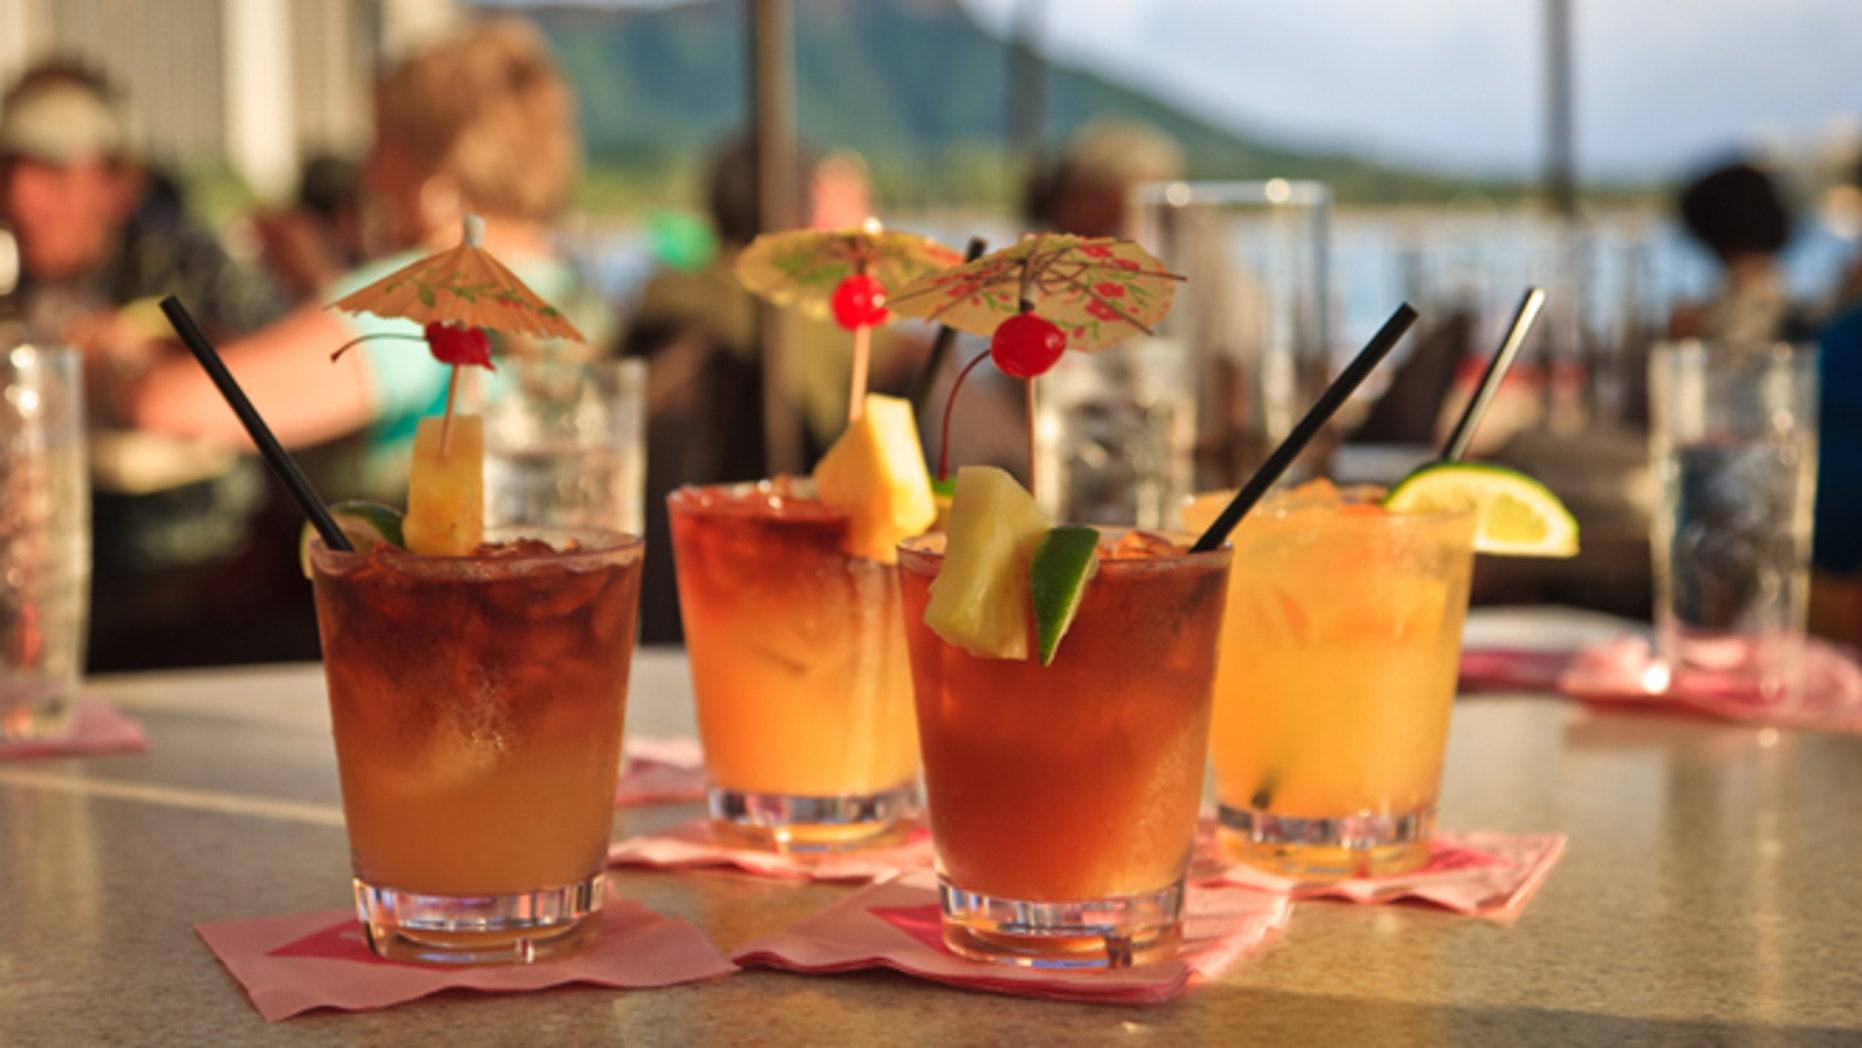 Top 10 Rums Fox News